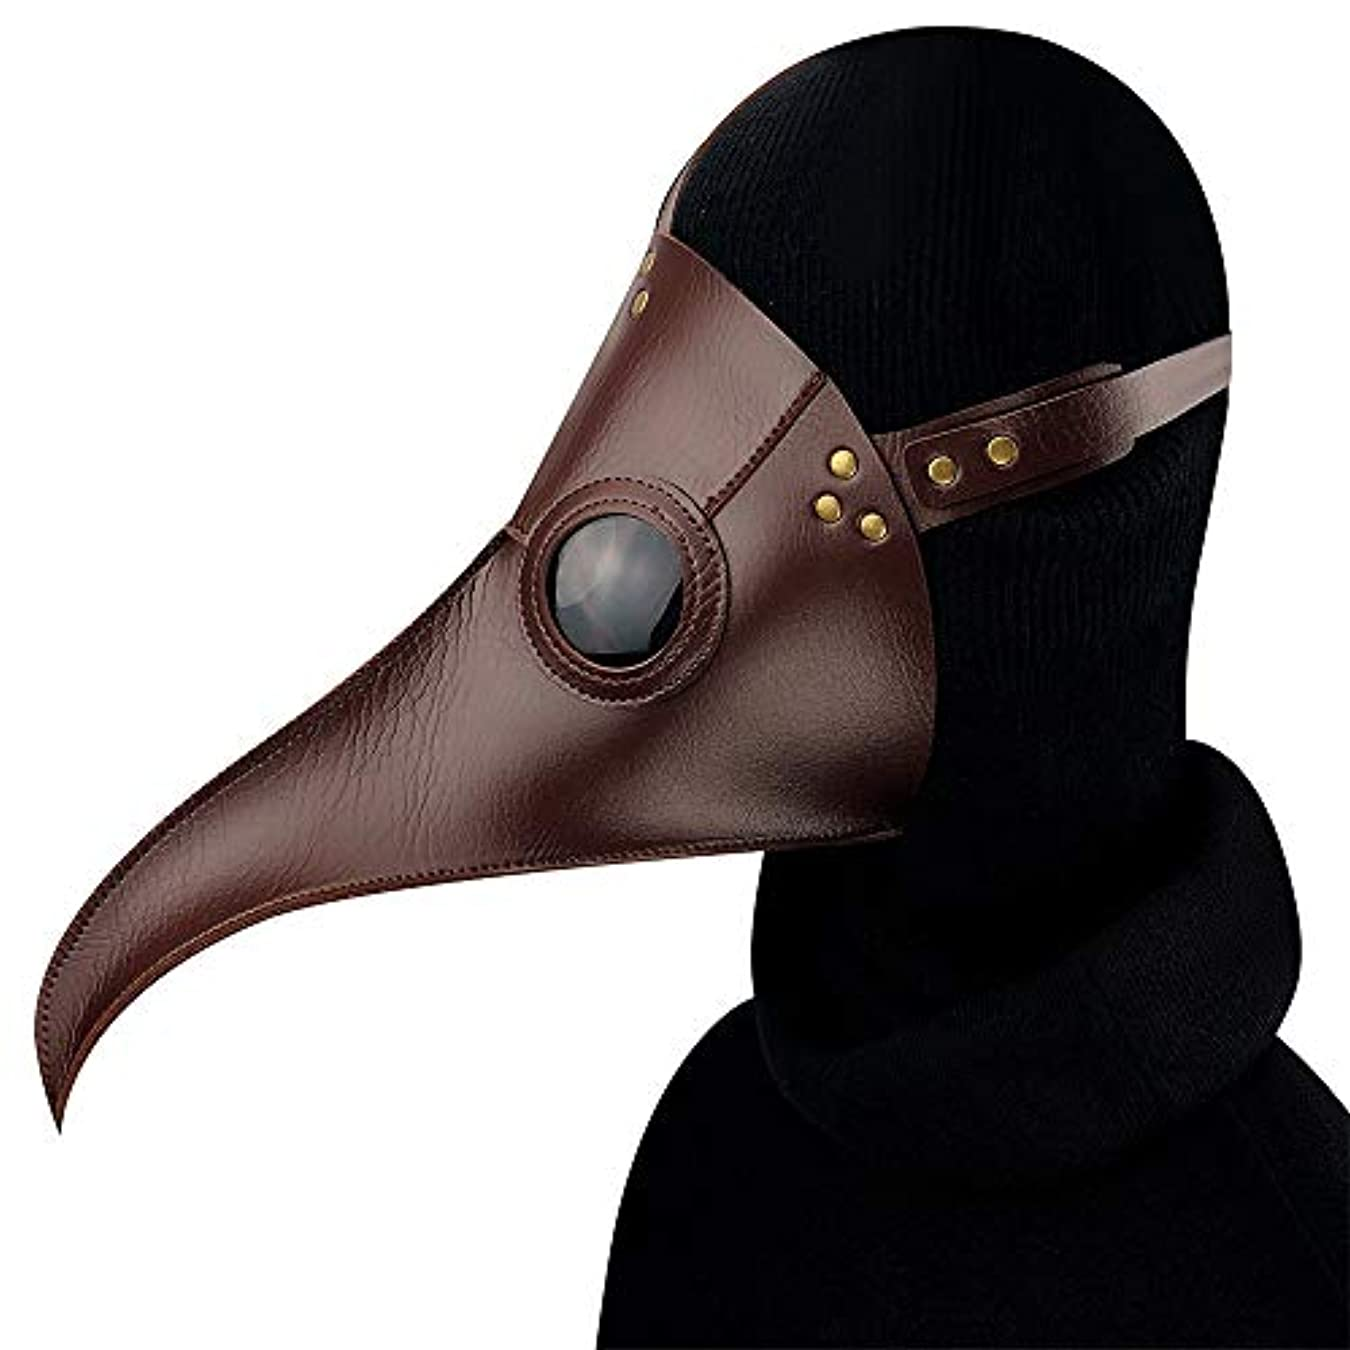 つかの間手首八ブラウンスチームパンクペストロングバード口マスクハロウィンプロップギフトロング鼻バードマスク